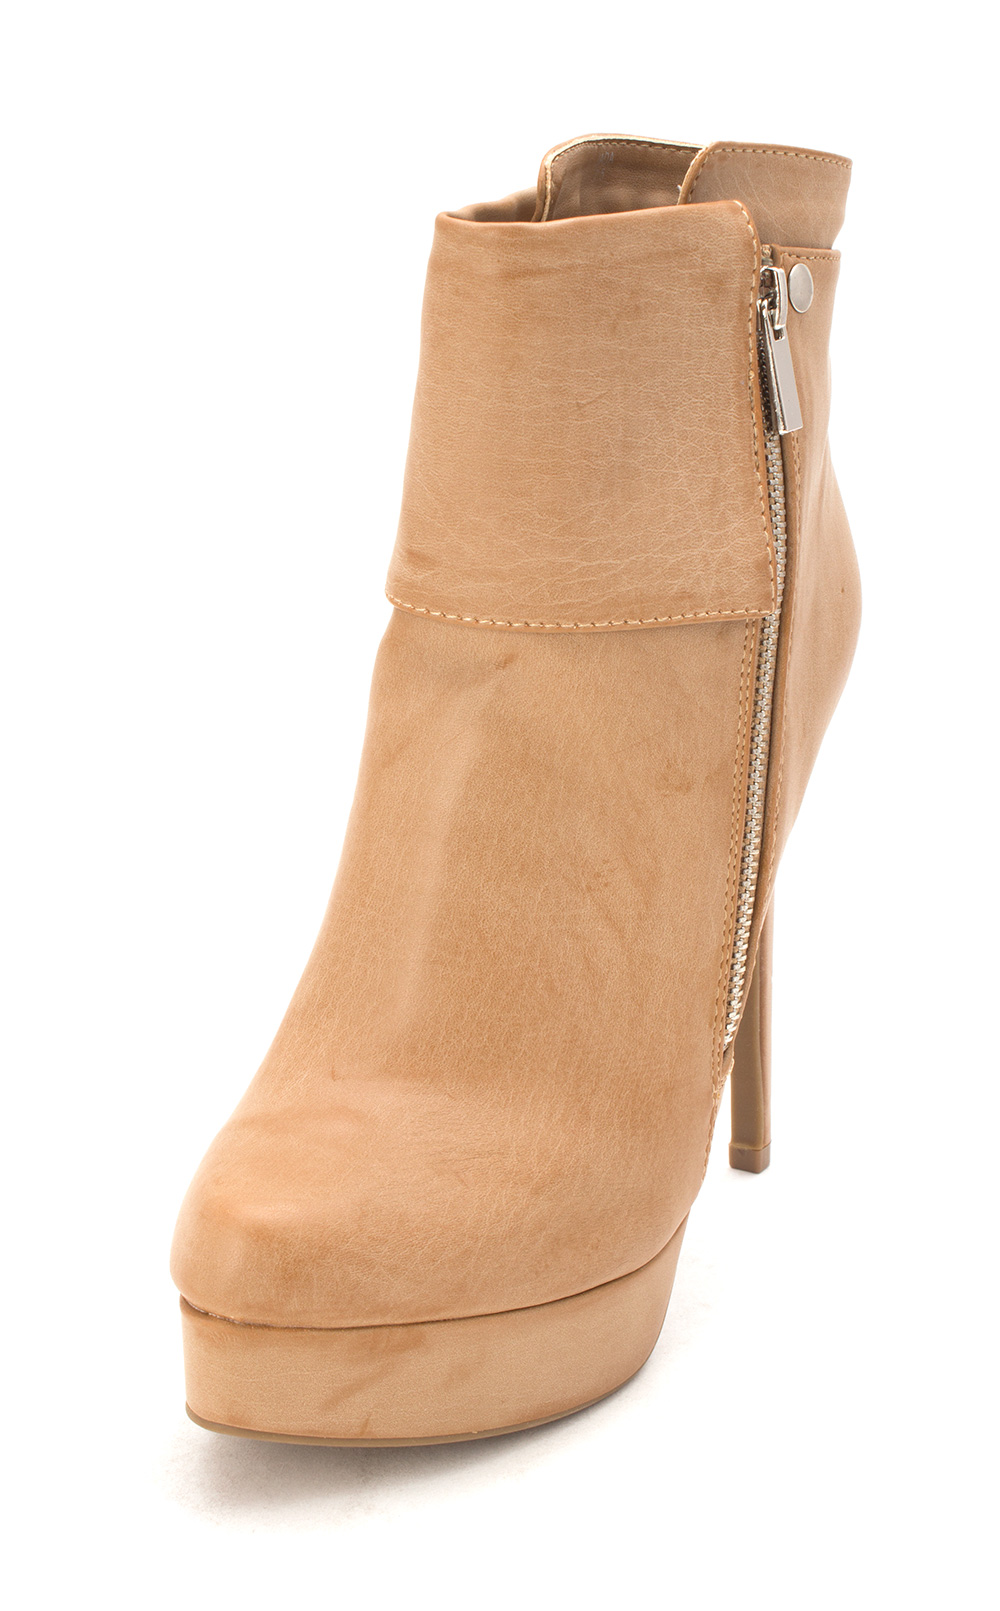 Femmes ShoeDazzle Jada Bottes jkea99C